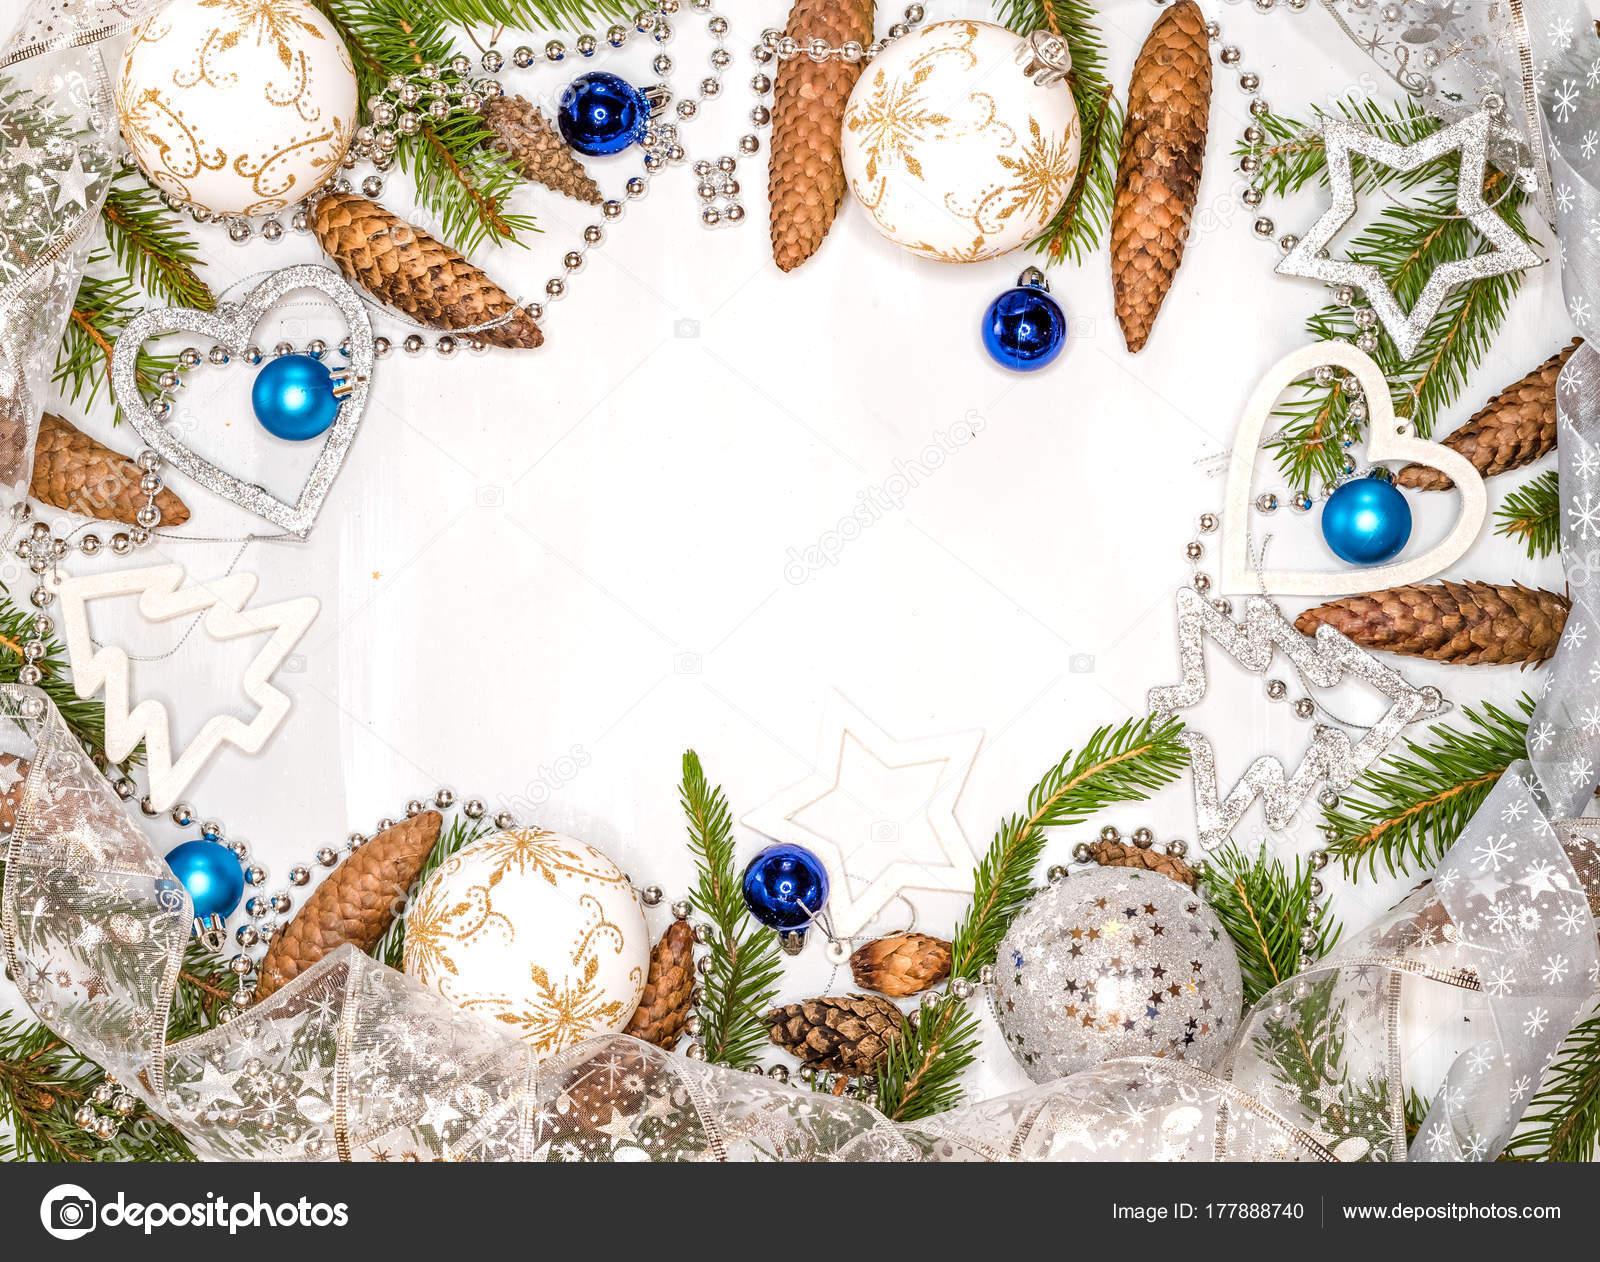 Weihnachtskarte Mit Christbaumschmuck Weihnachtskugeln Sterne